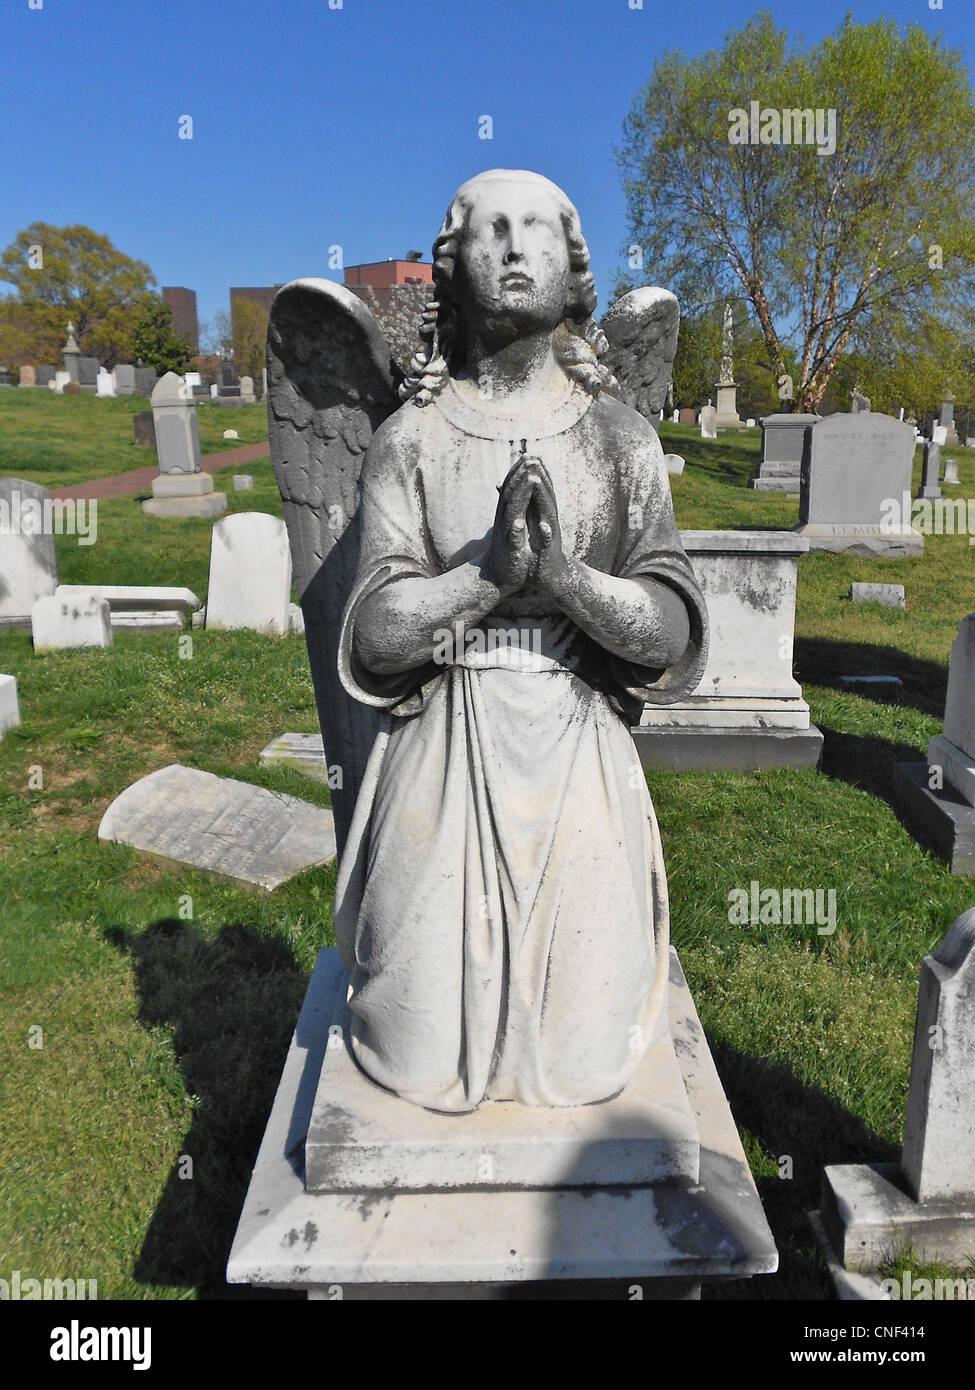 Tombe d'Alice peut Parker, 14 ans, au cimetière du Congrès à Washington, DC Photo Stock